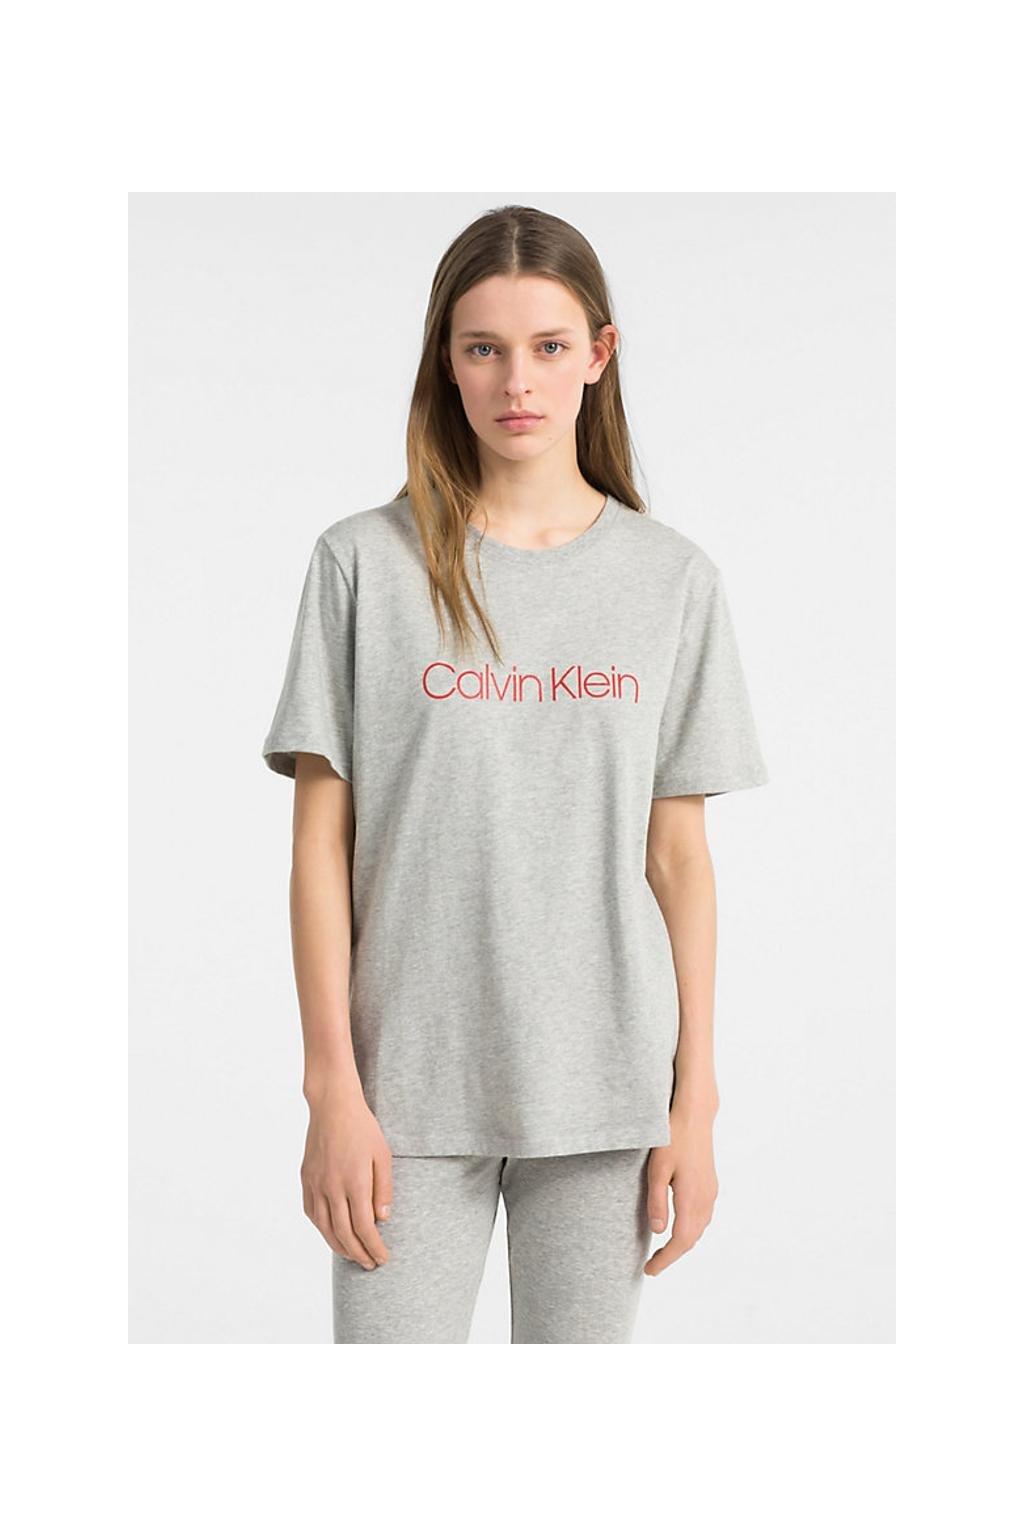 Calvin Klein monogram tričko - šedé